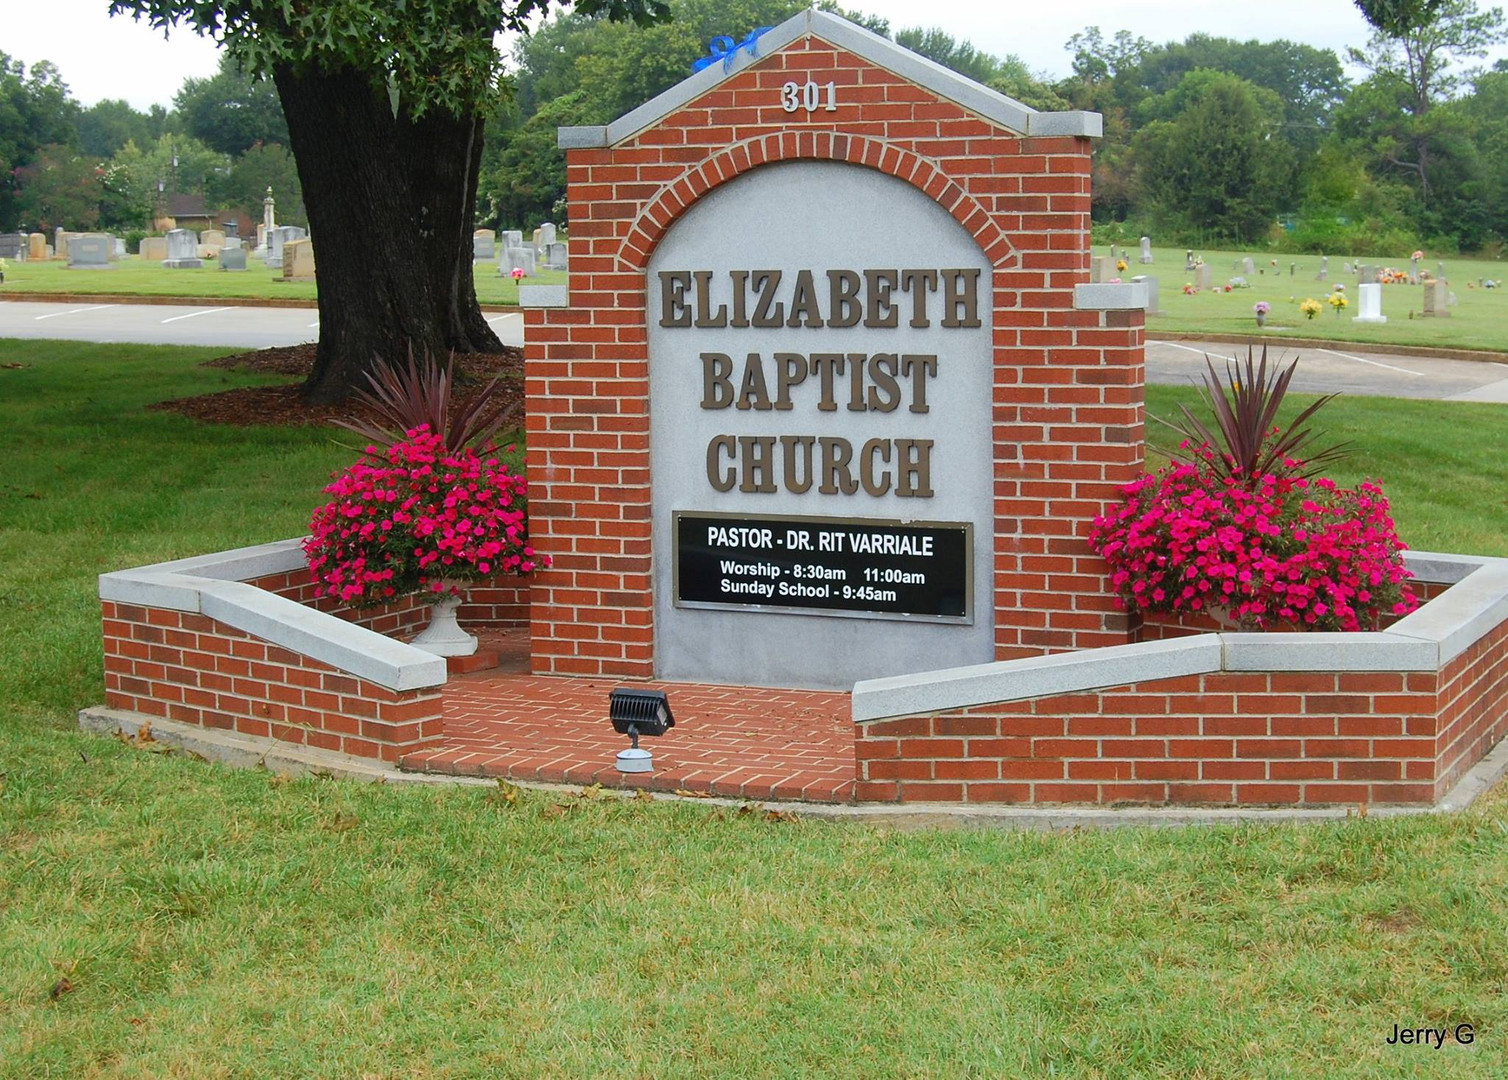 ELIZABETH BAPTIST CHURCH 3